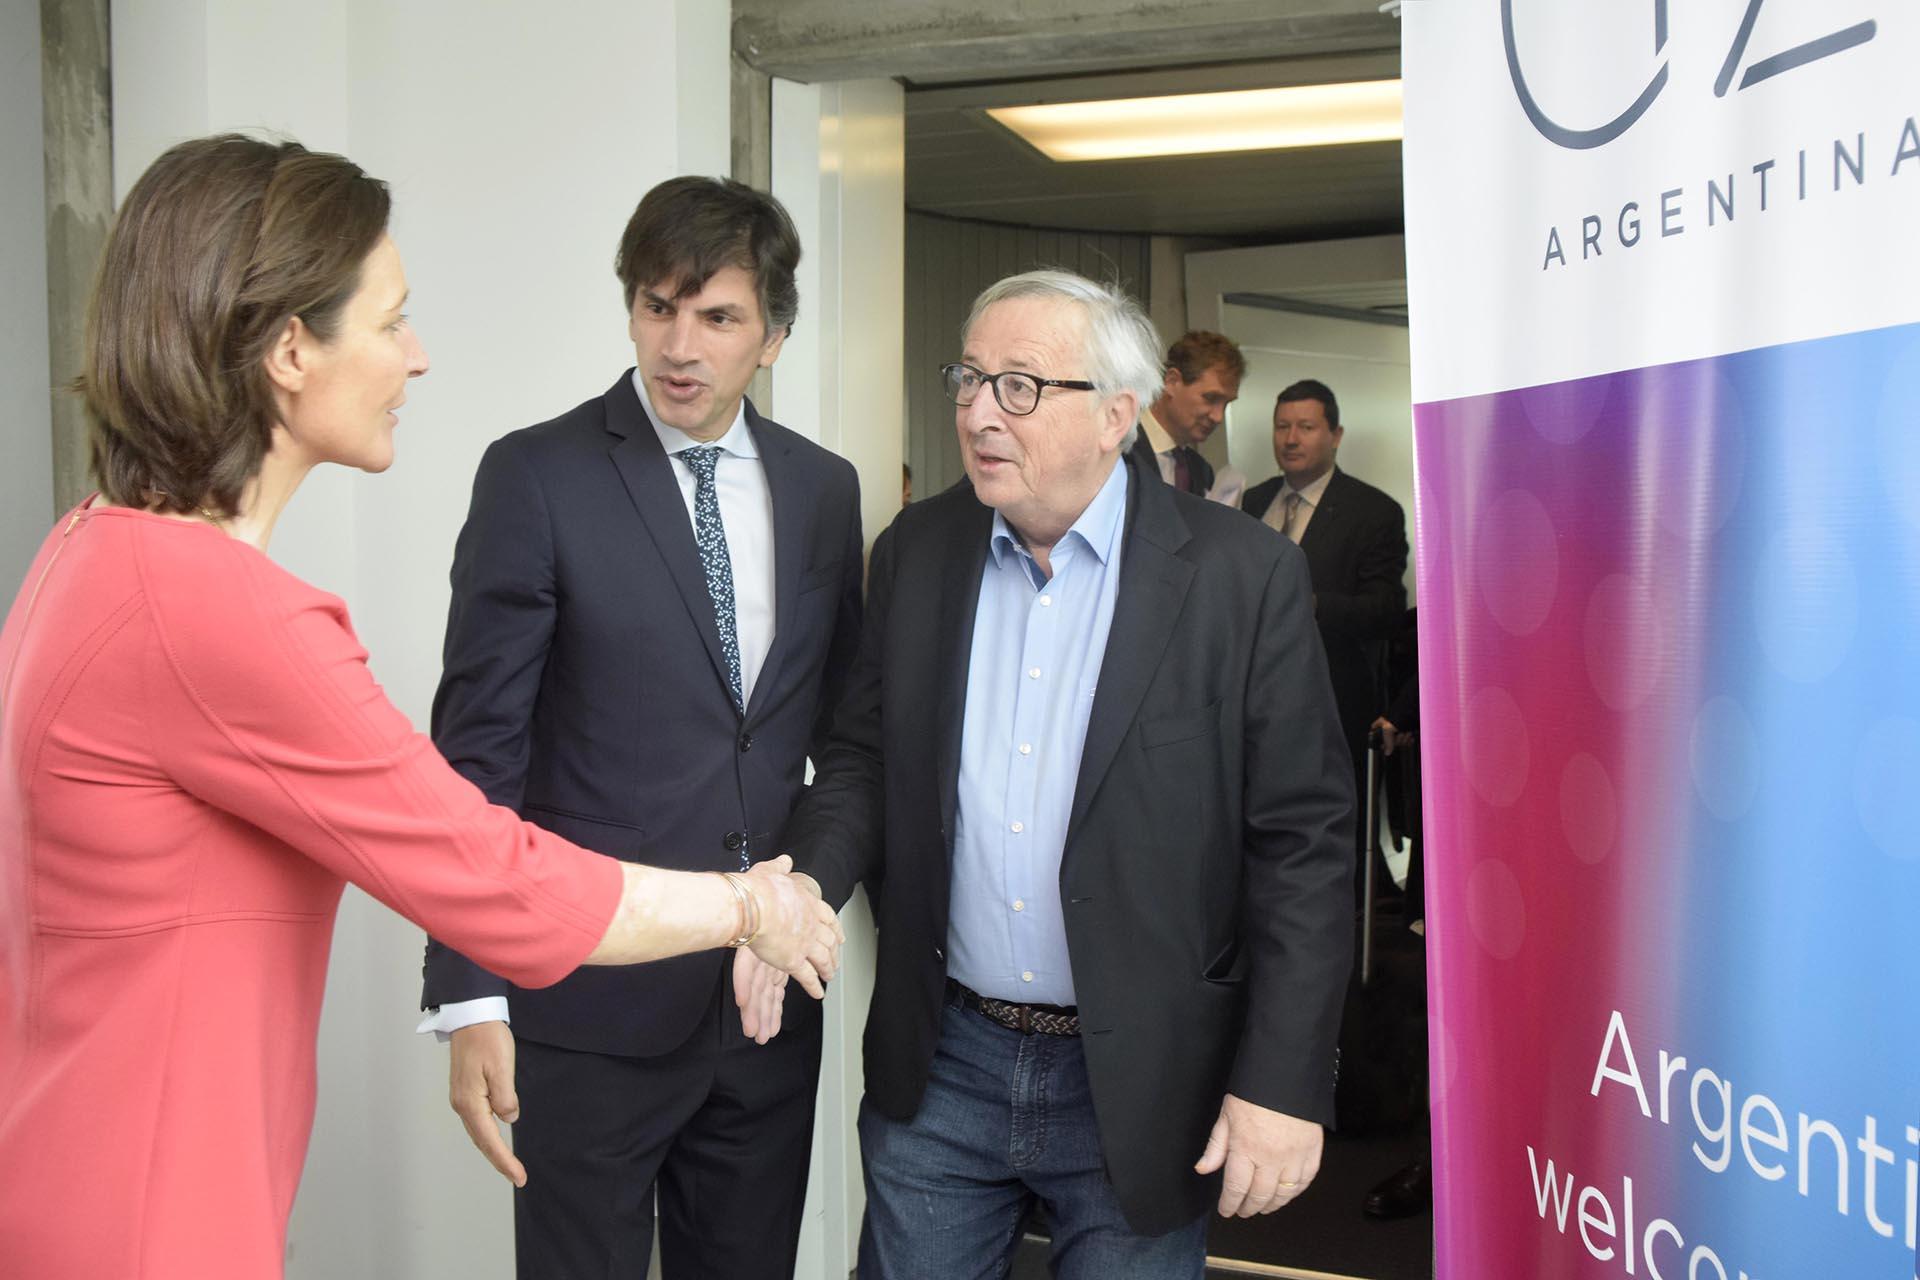 La diplomática saluda a Jean-Claude Juncker, presidente de la Comisión Europea, tras su arribo a Buenos Aires